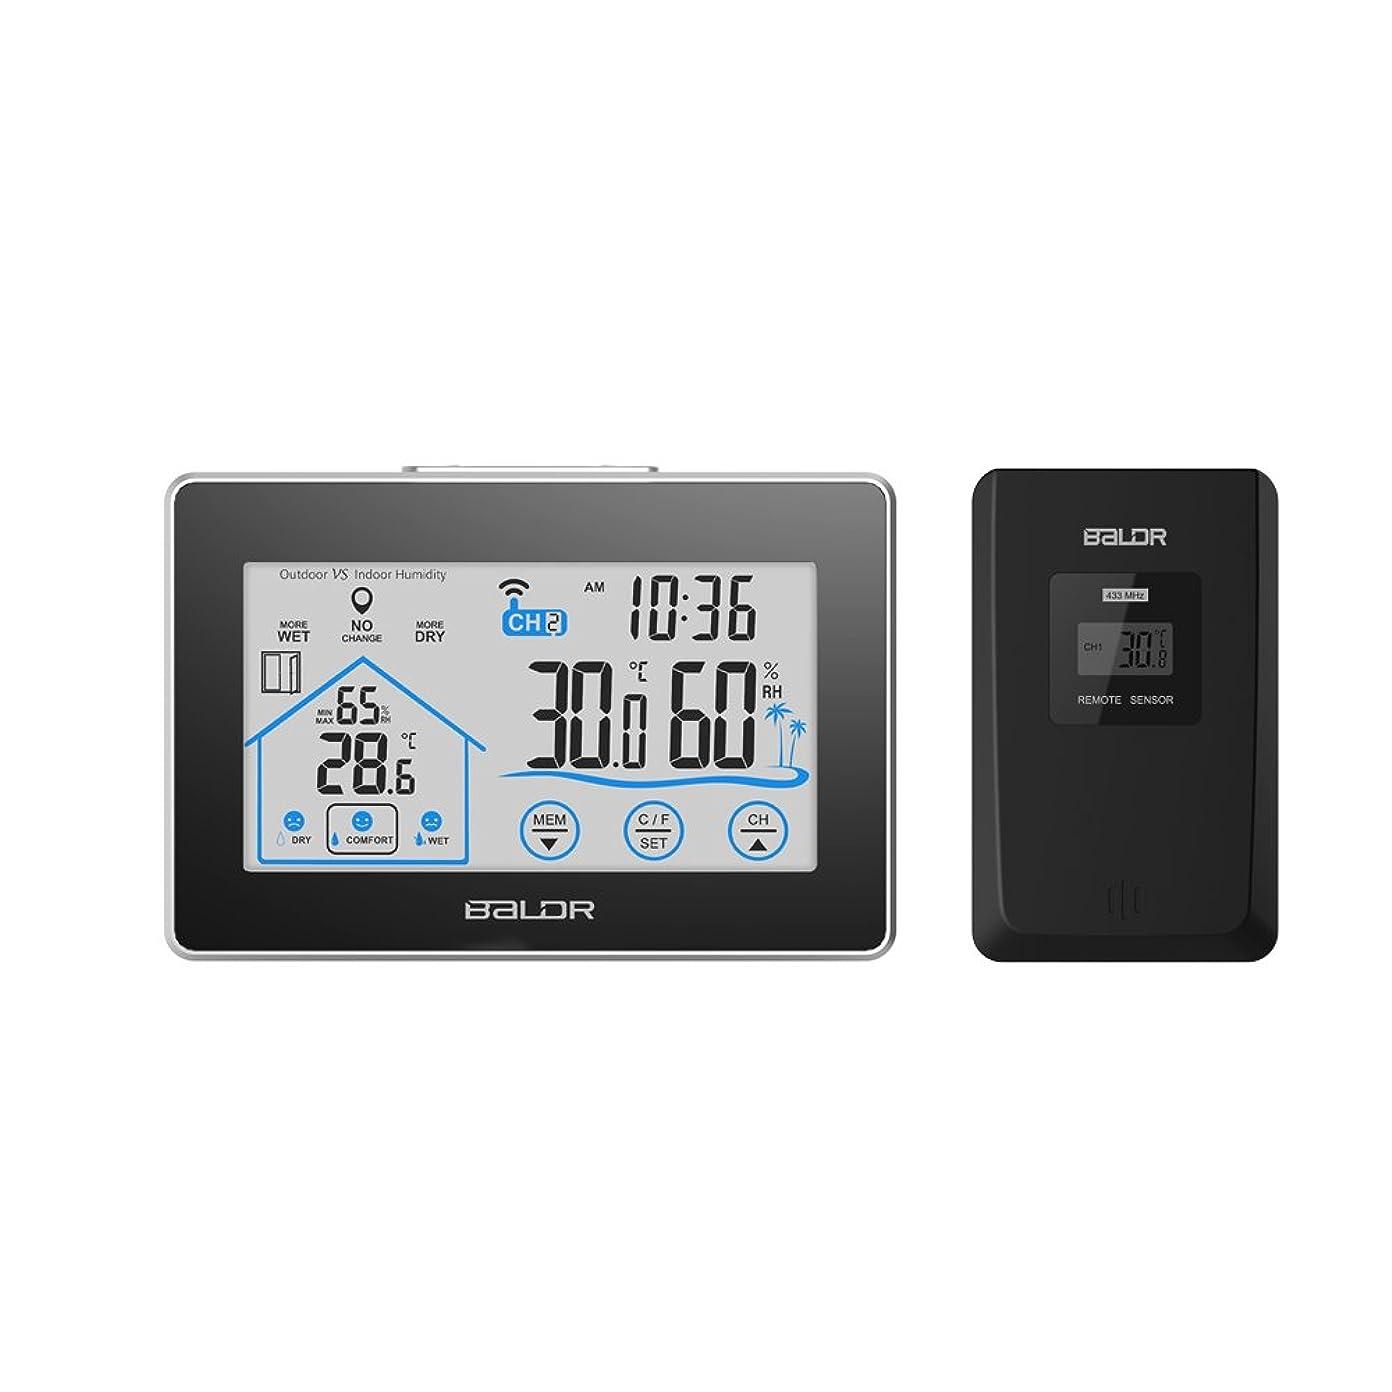 見てガラガラ定義するBALDR ワイヤレス温度計湿度計 気象計 デジタル タッチボタン 天気予報計 無線センサ付き 時間、室内室外最高最低温度湿度表示 バックライト 日本語取扱書付き